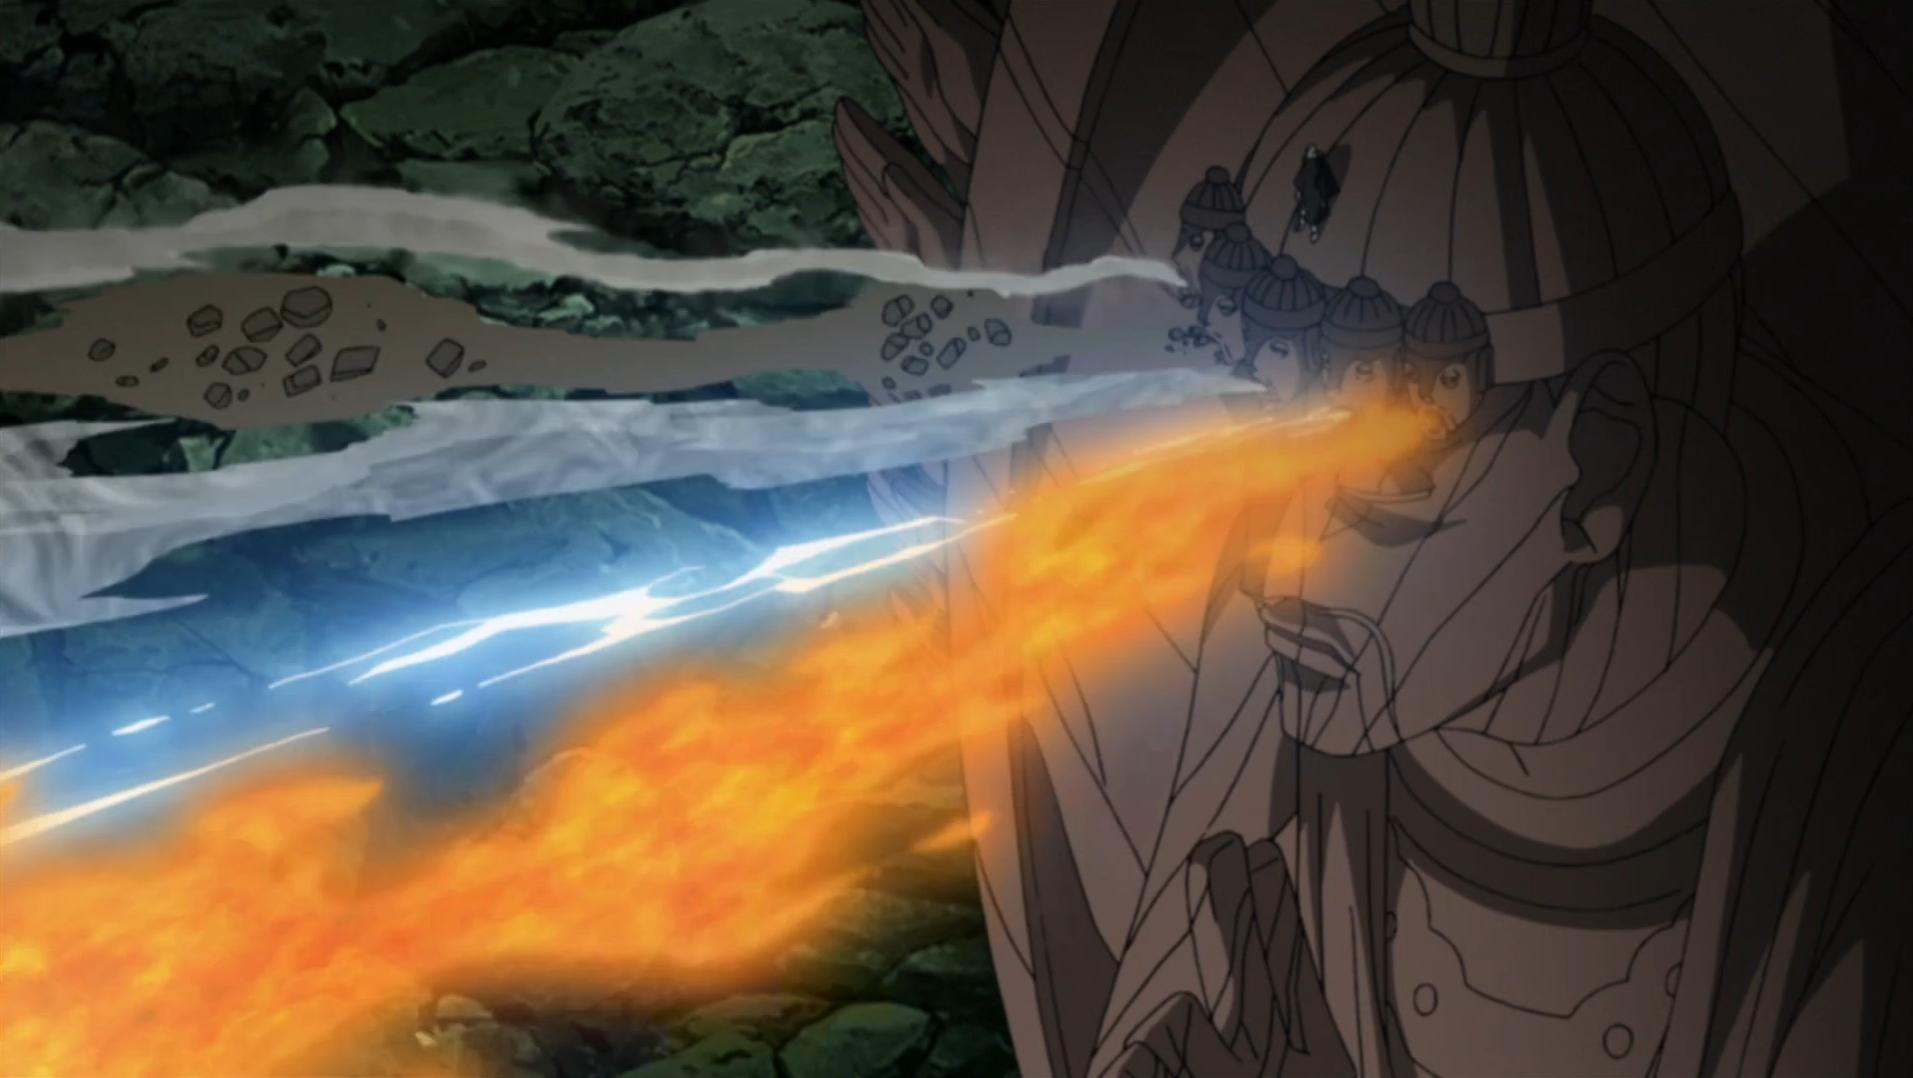 ne Naruto jamais brancher rencontres bélier homme femme Scorpion